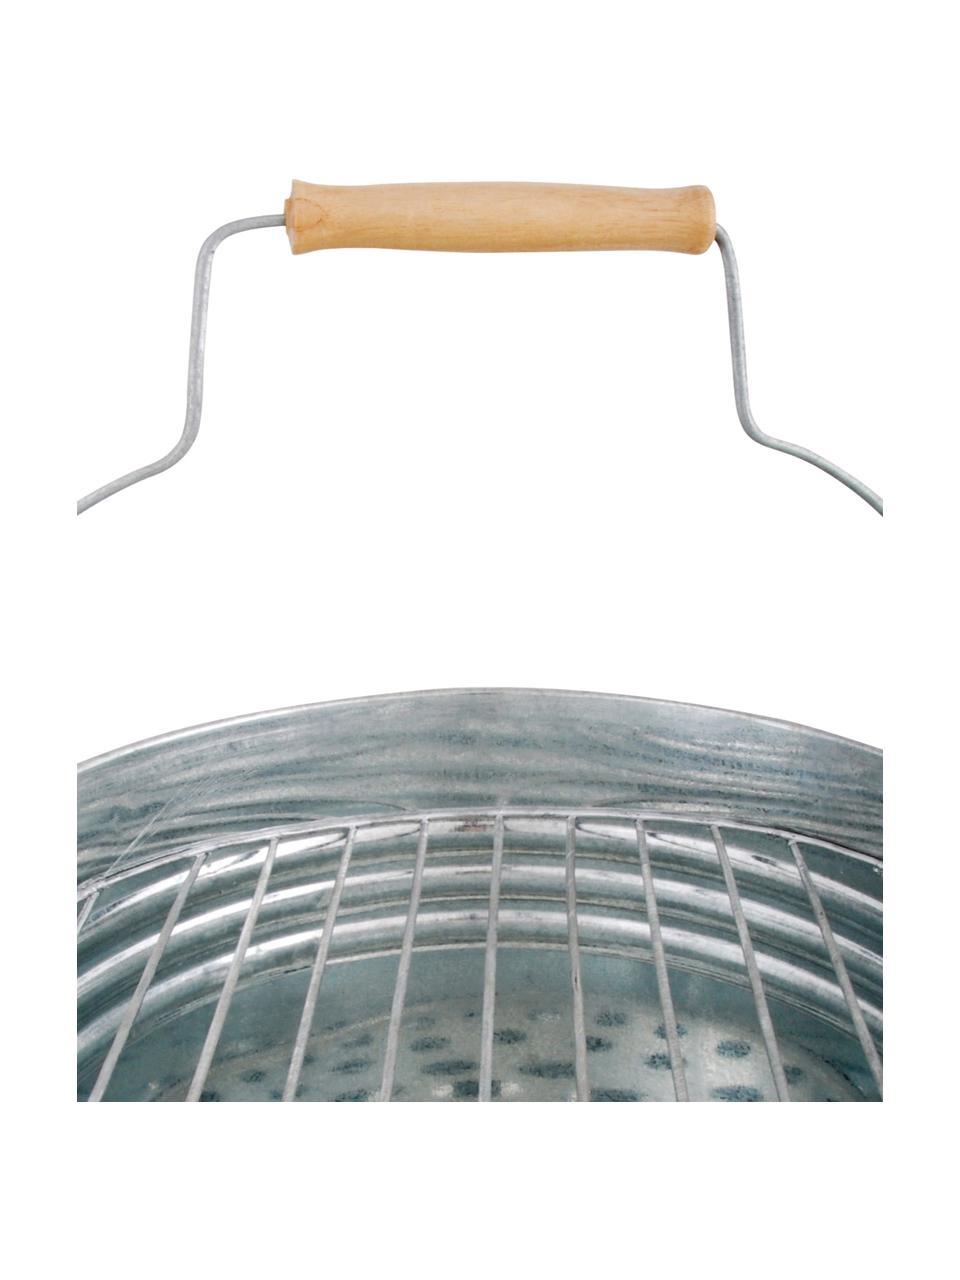 Secchio per barbecue Brett, Manico: legno, Color zinco, Ø 31 x Alt. 34 cm